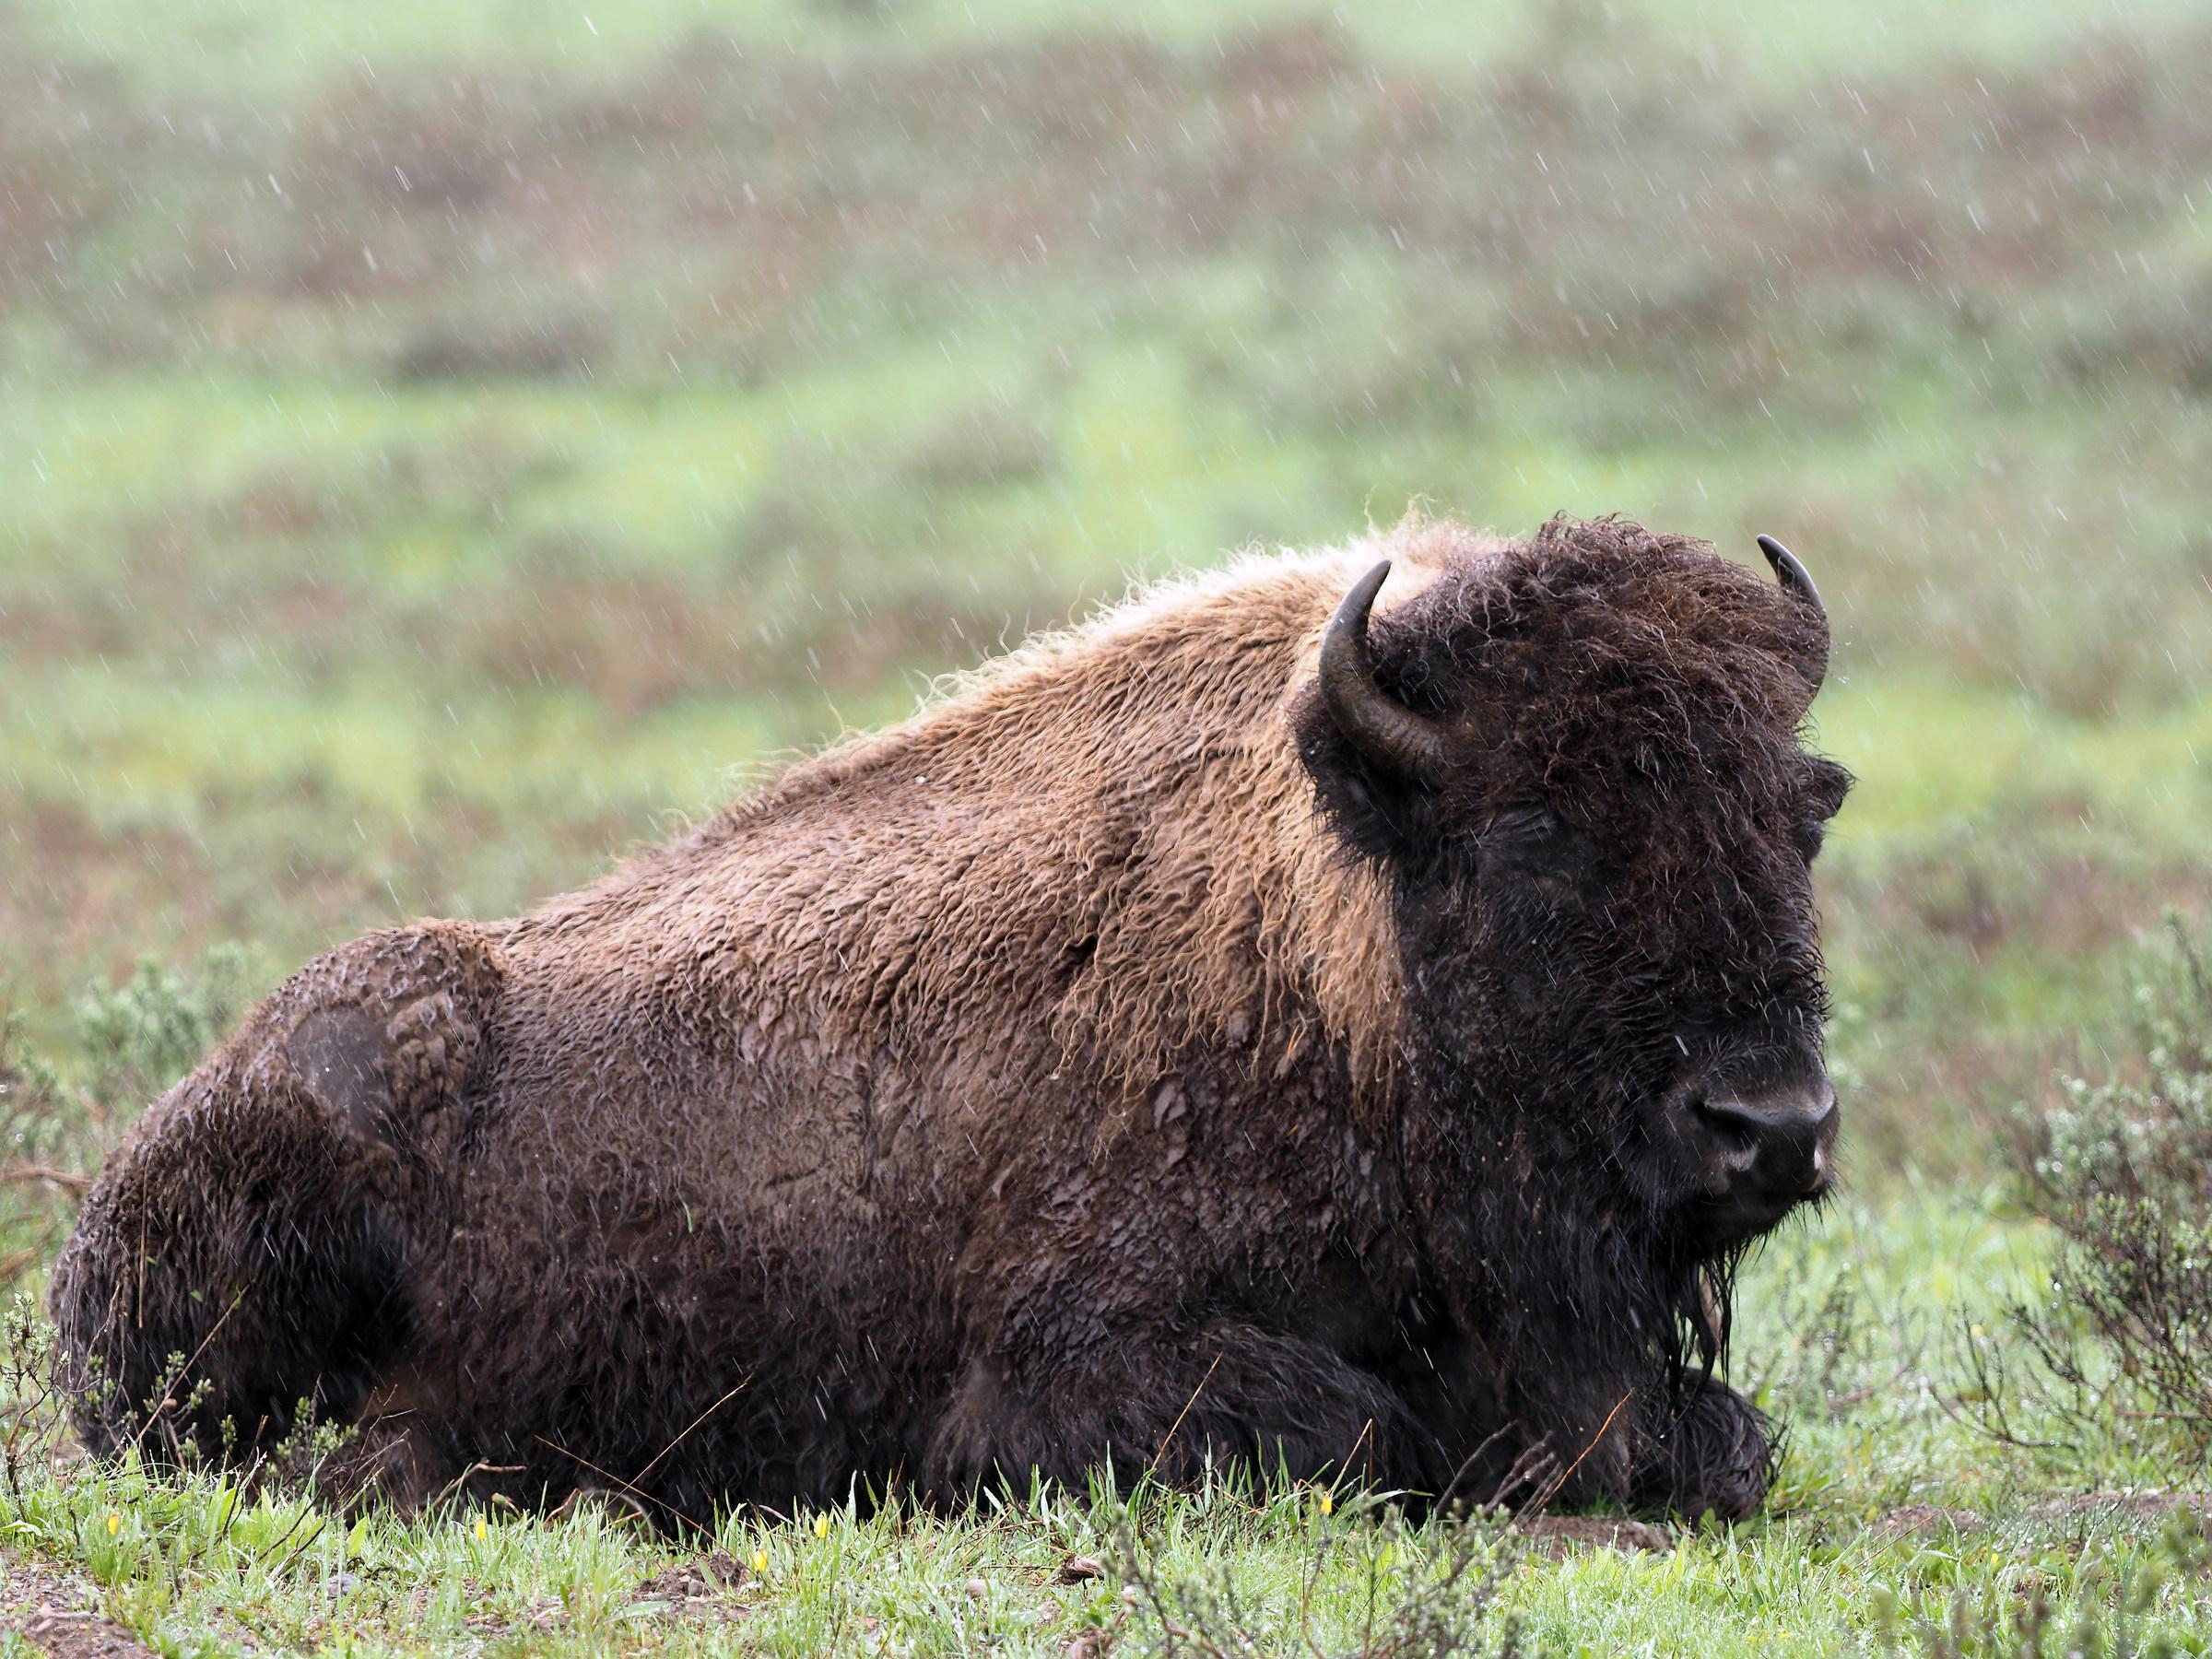 Yellowstone: Wild bison under snow...